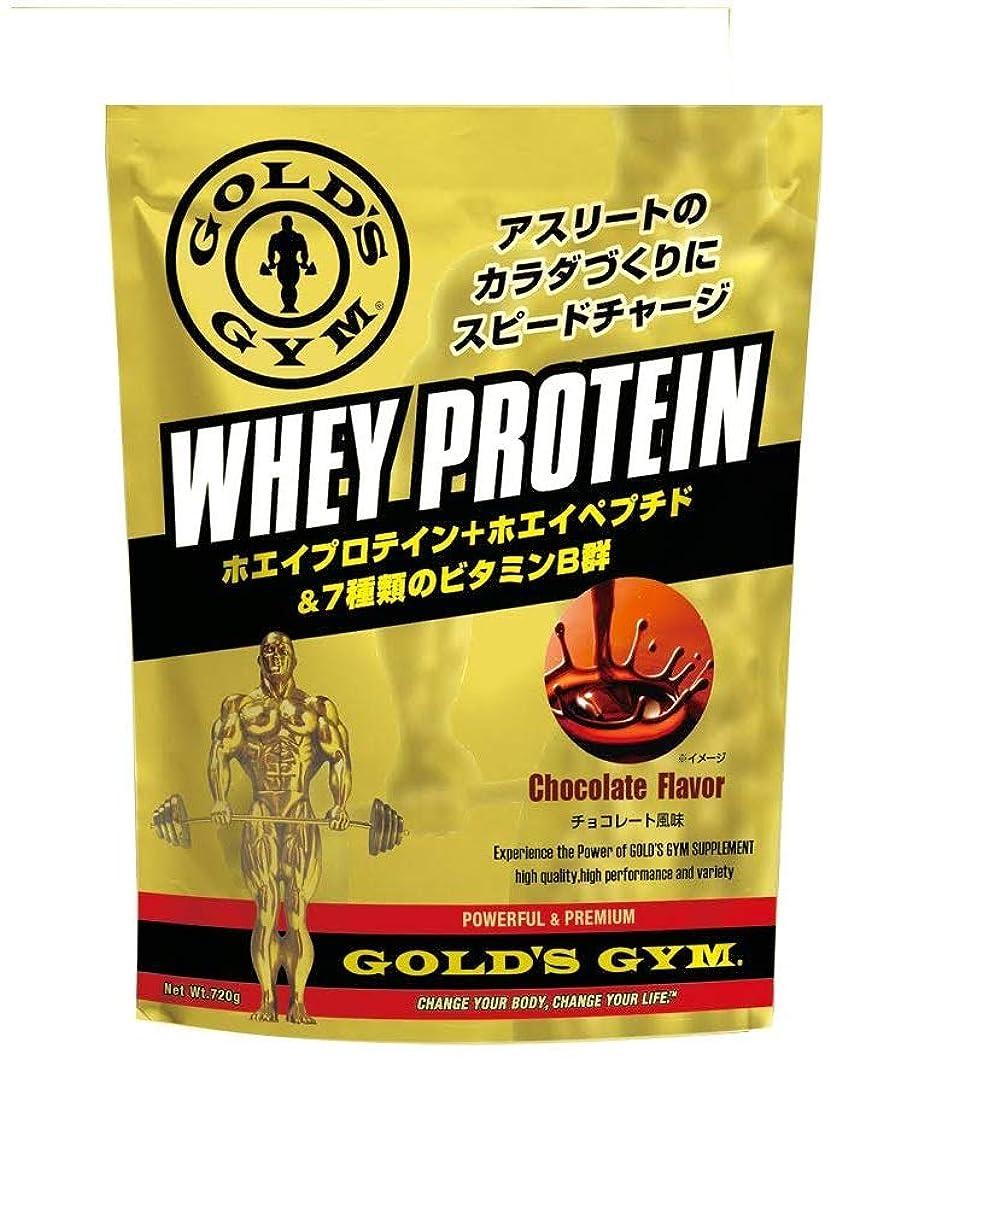 ブレイズエスカレート野球ゴールドジム ホエイプロテイン チョコレート風味 1,500g